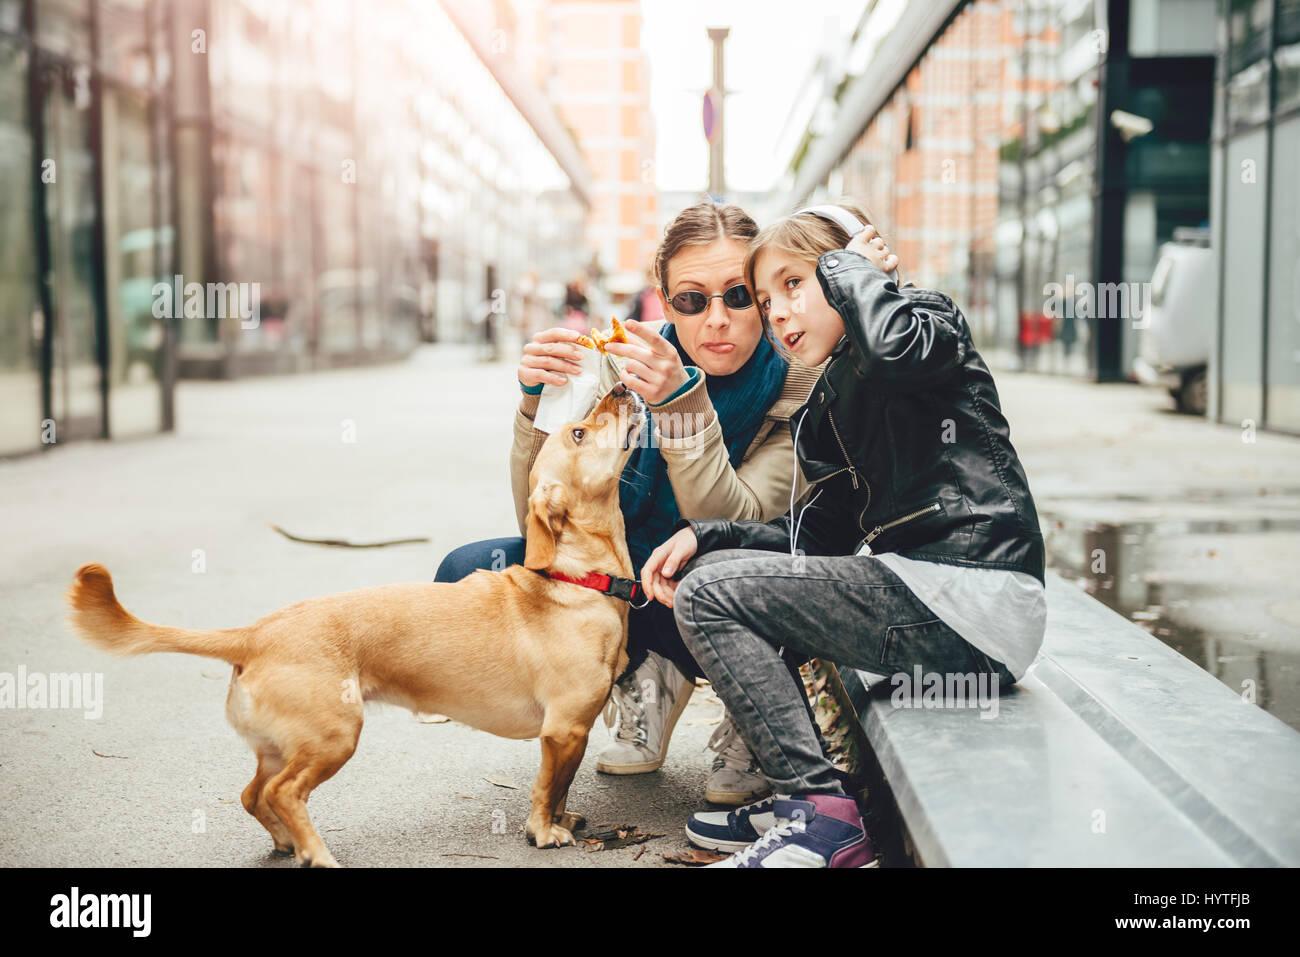 Mutter Sandwich zu essen und streicheln einen Hund während Tochter anhören von Musik auf der Straße Stockbild